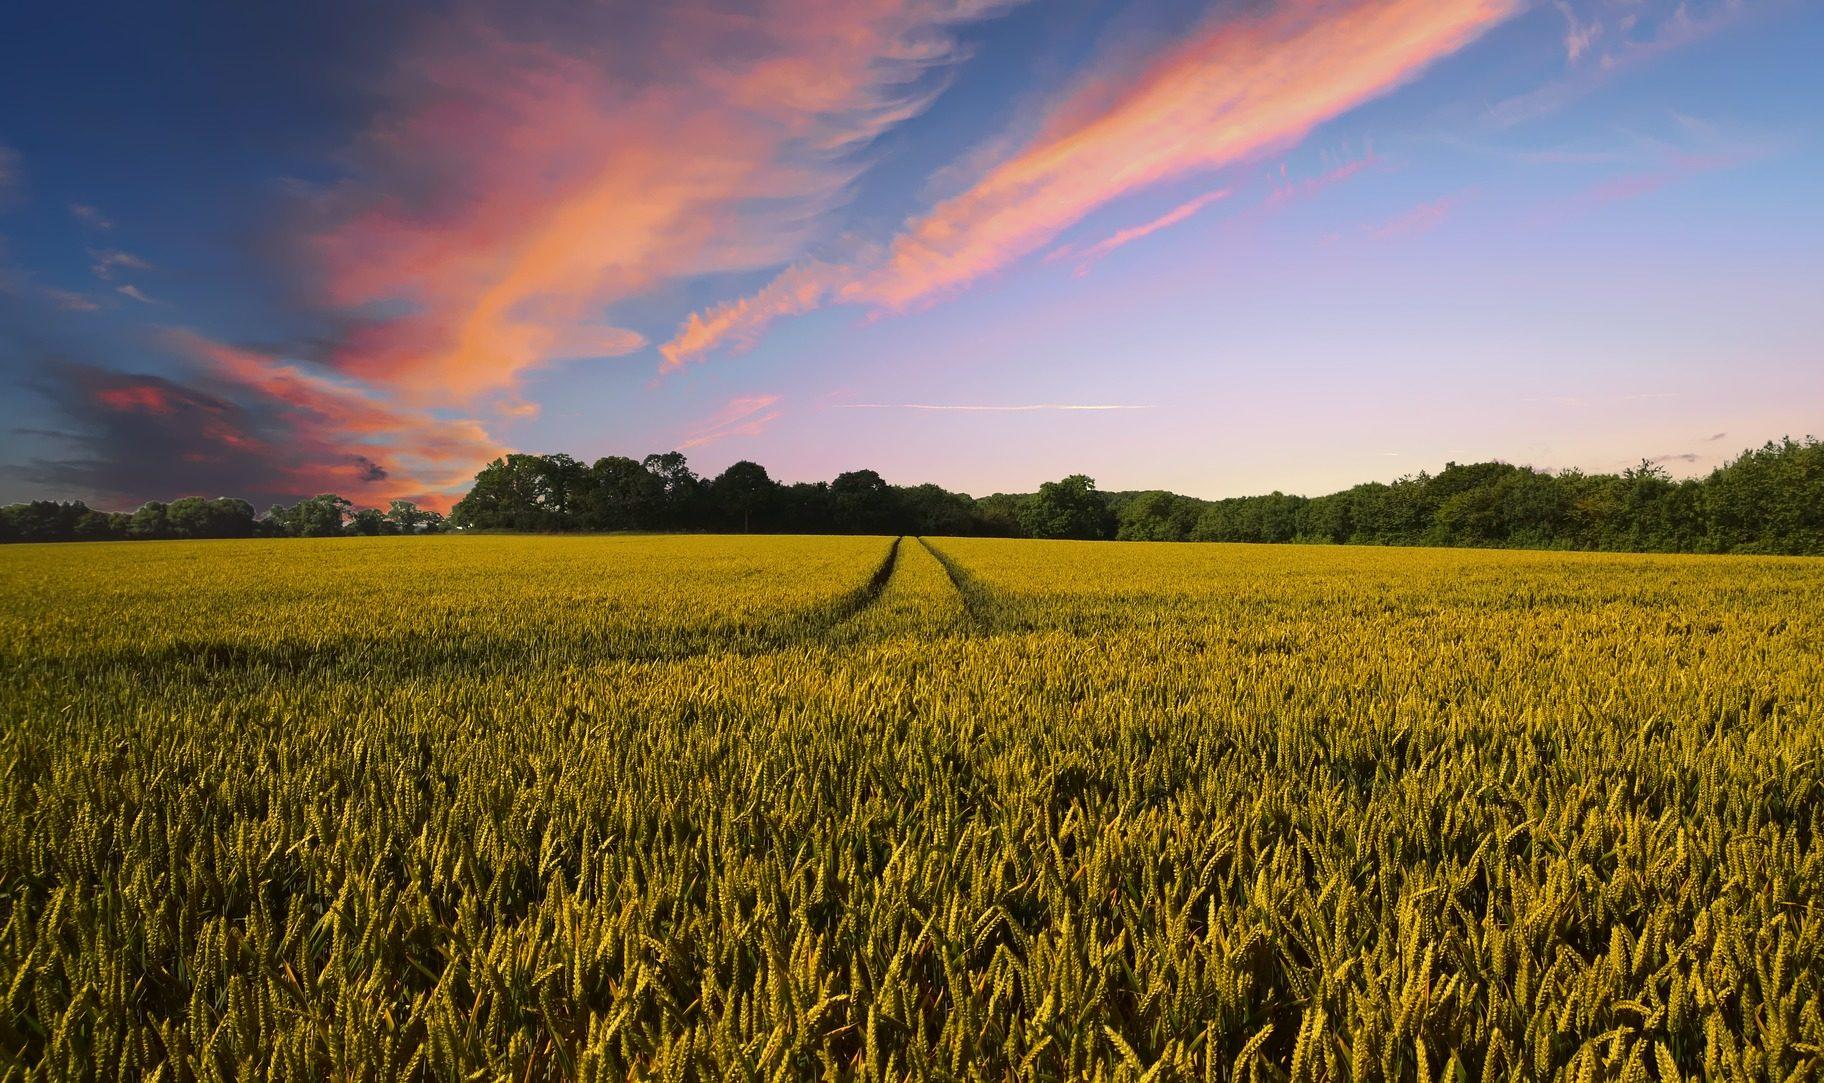 Maladies de quarantaine : les surfaces de pommes de terre sont à déclarer avant le 30 juin